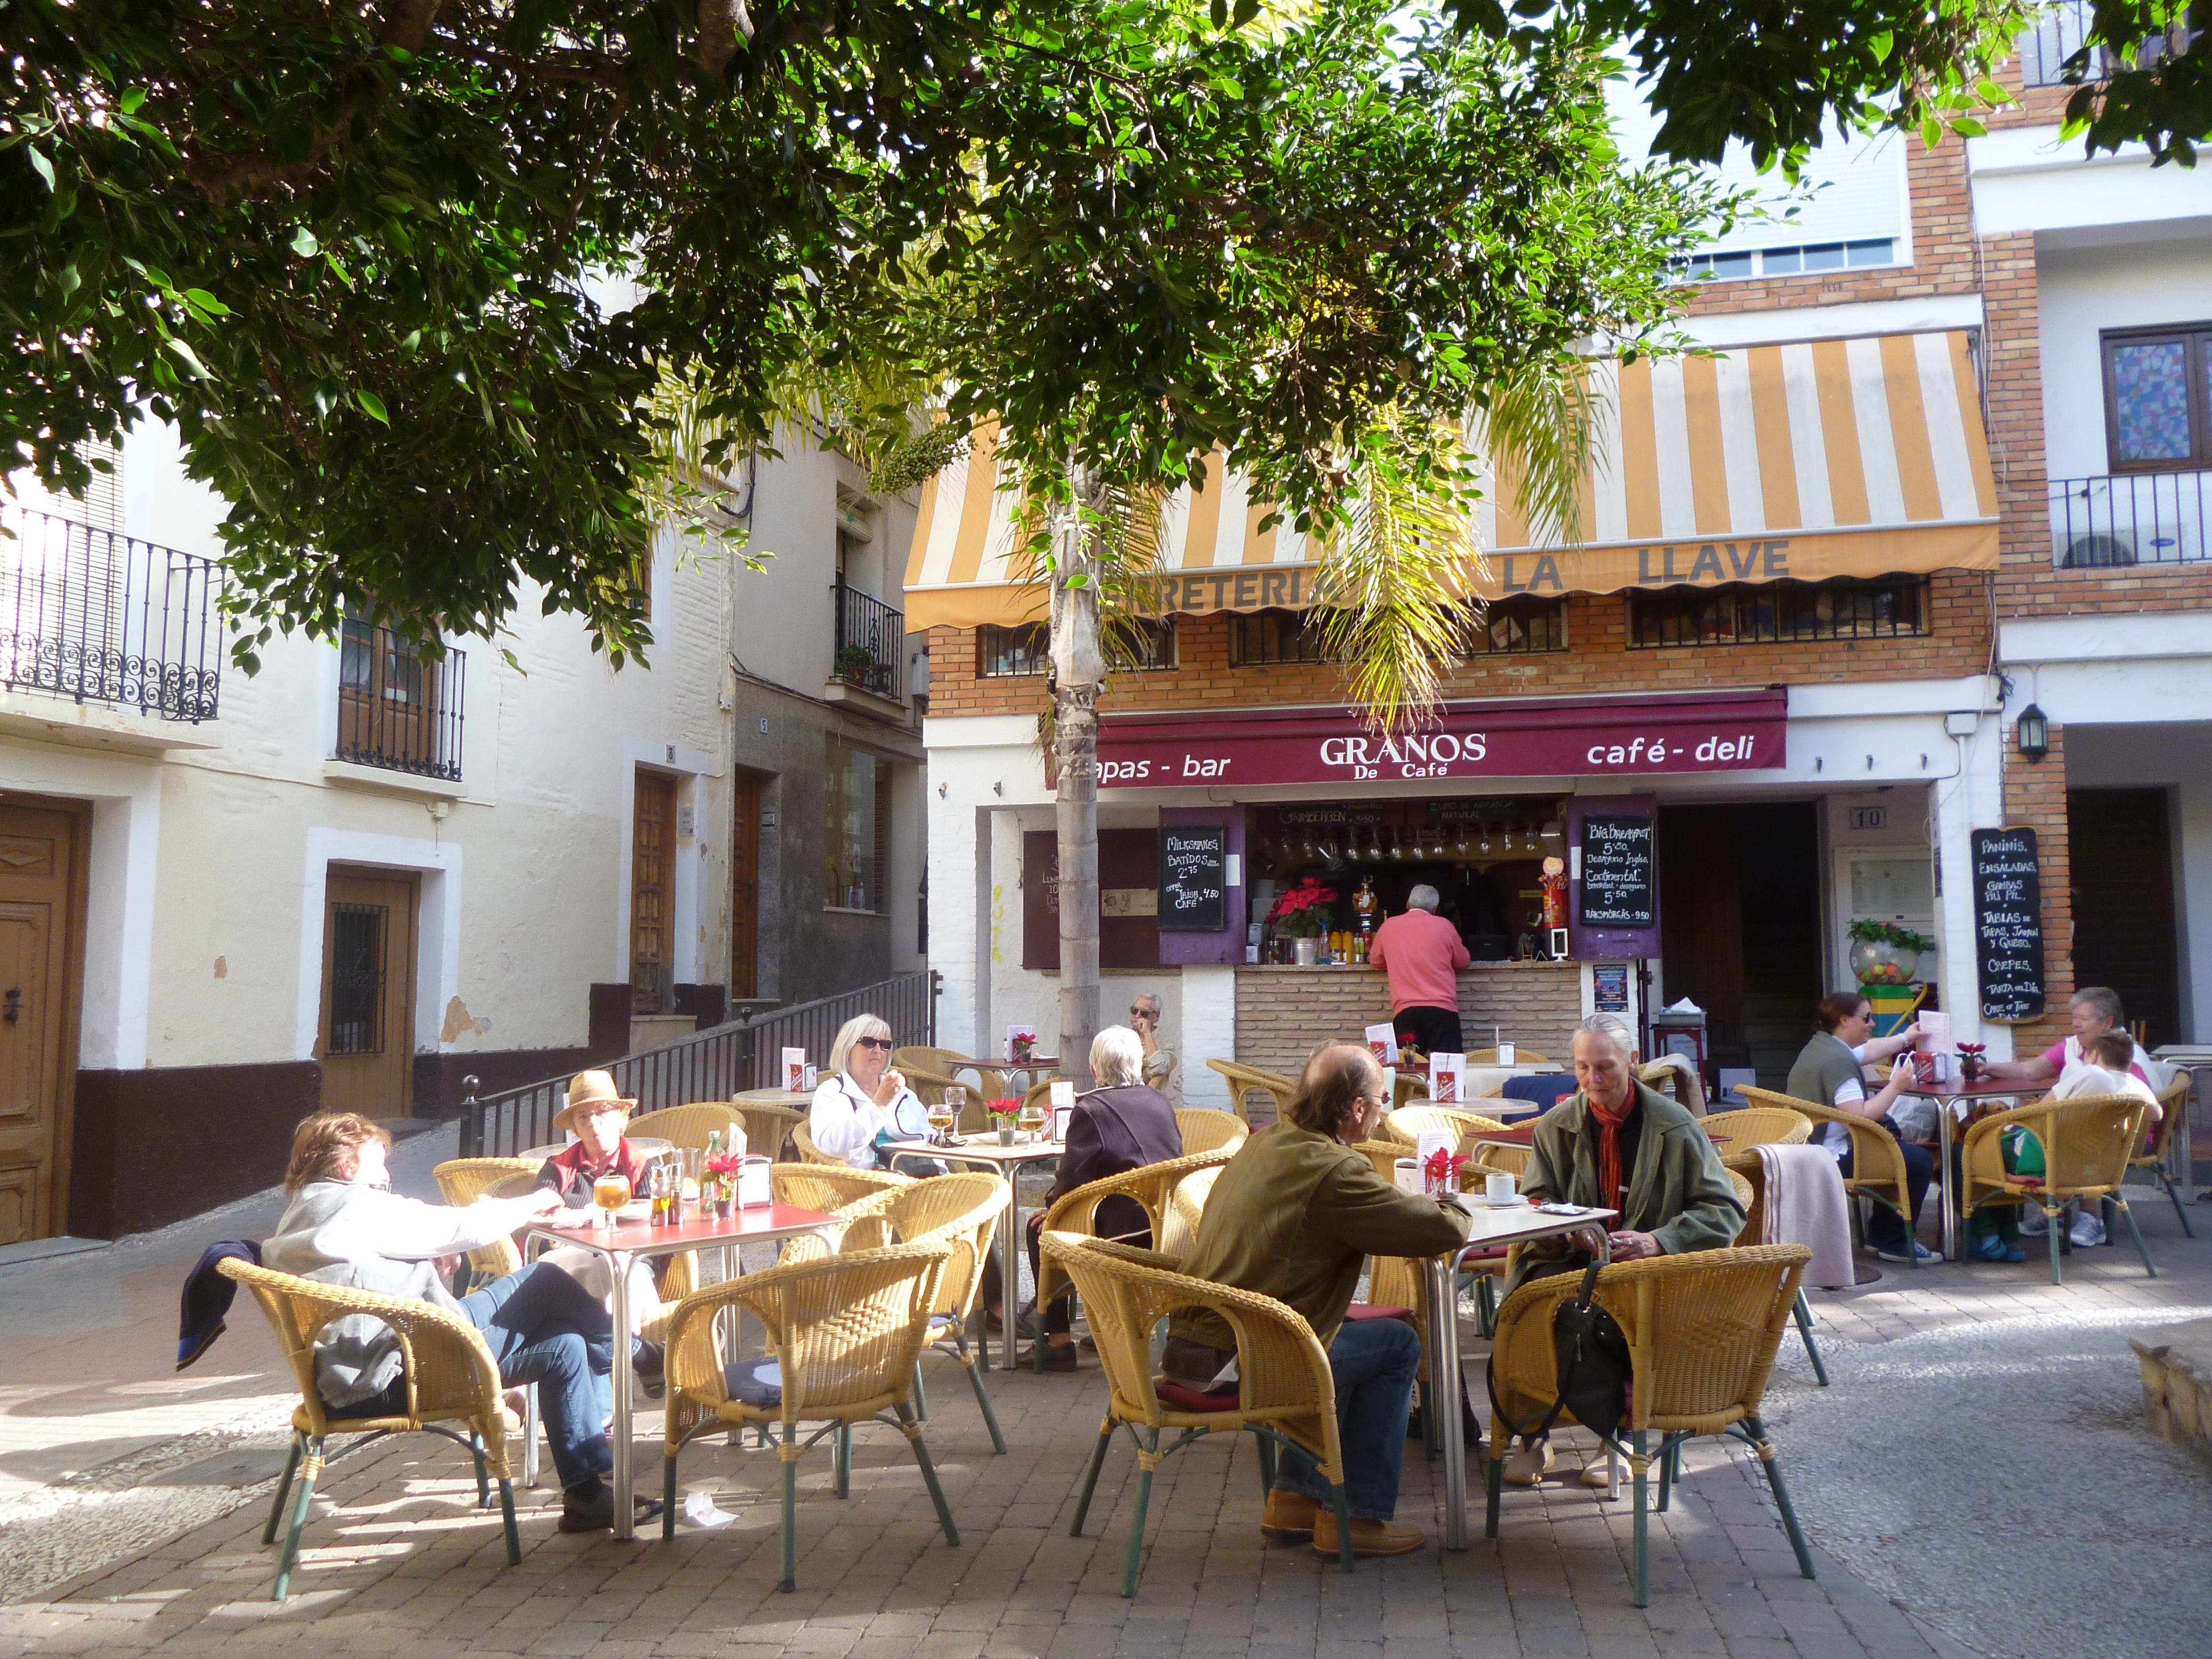 plaza higuitos, il fait bon vivre